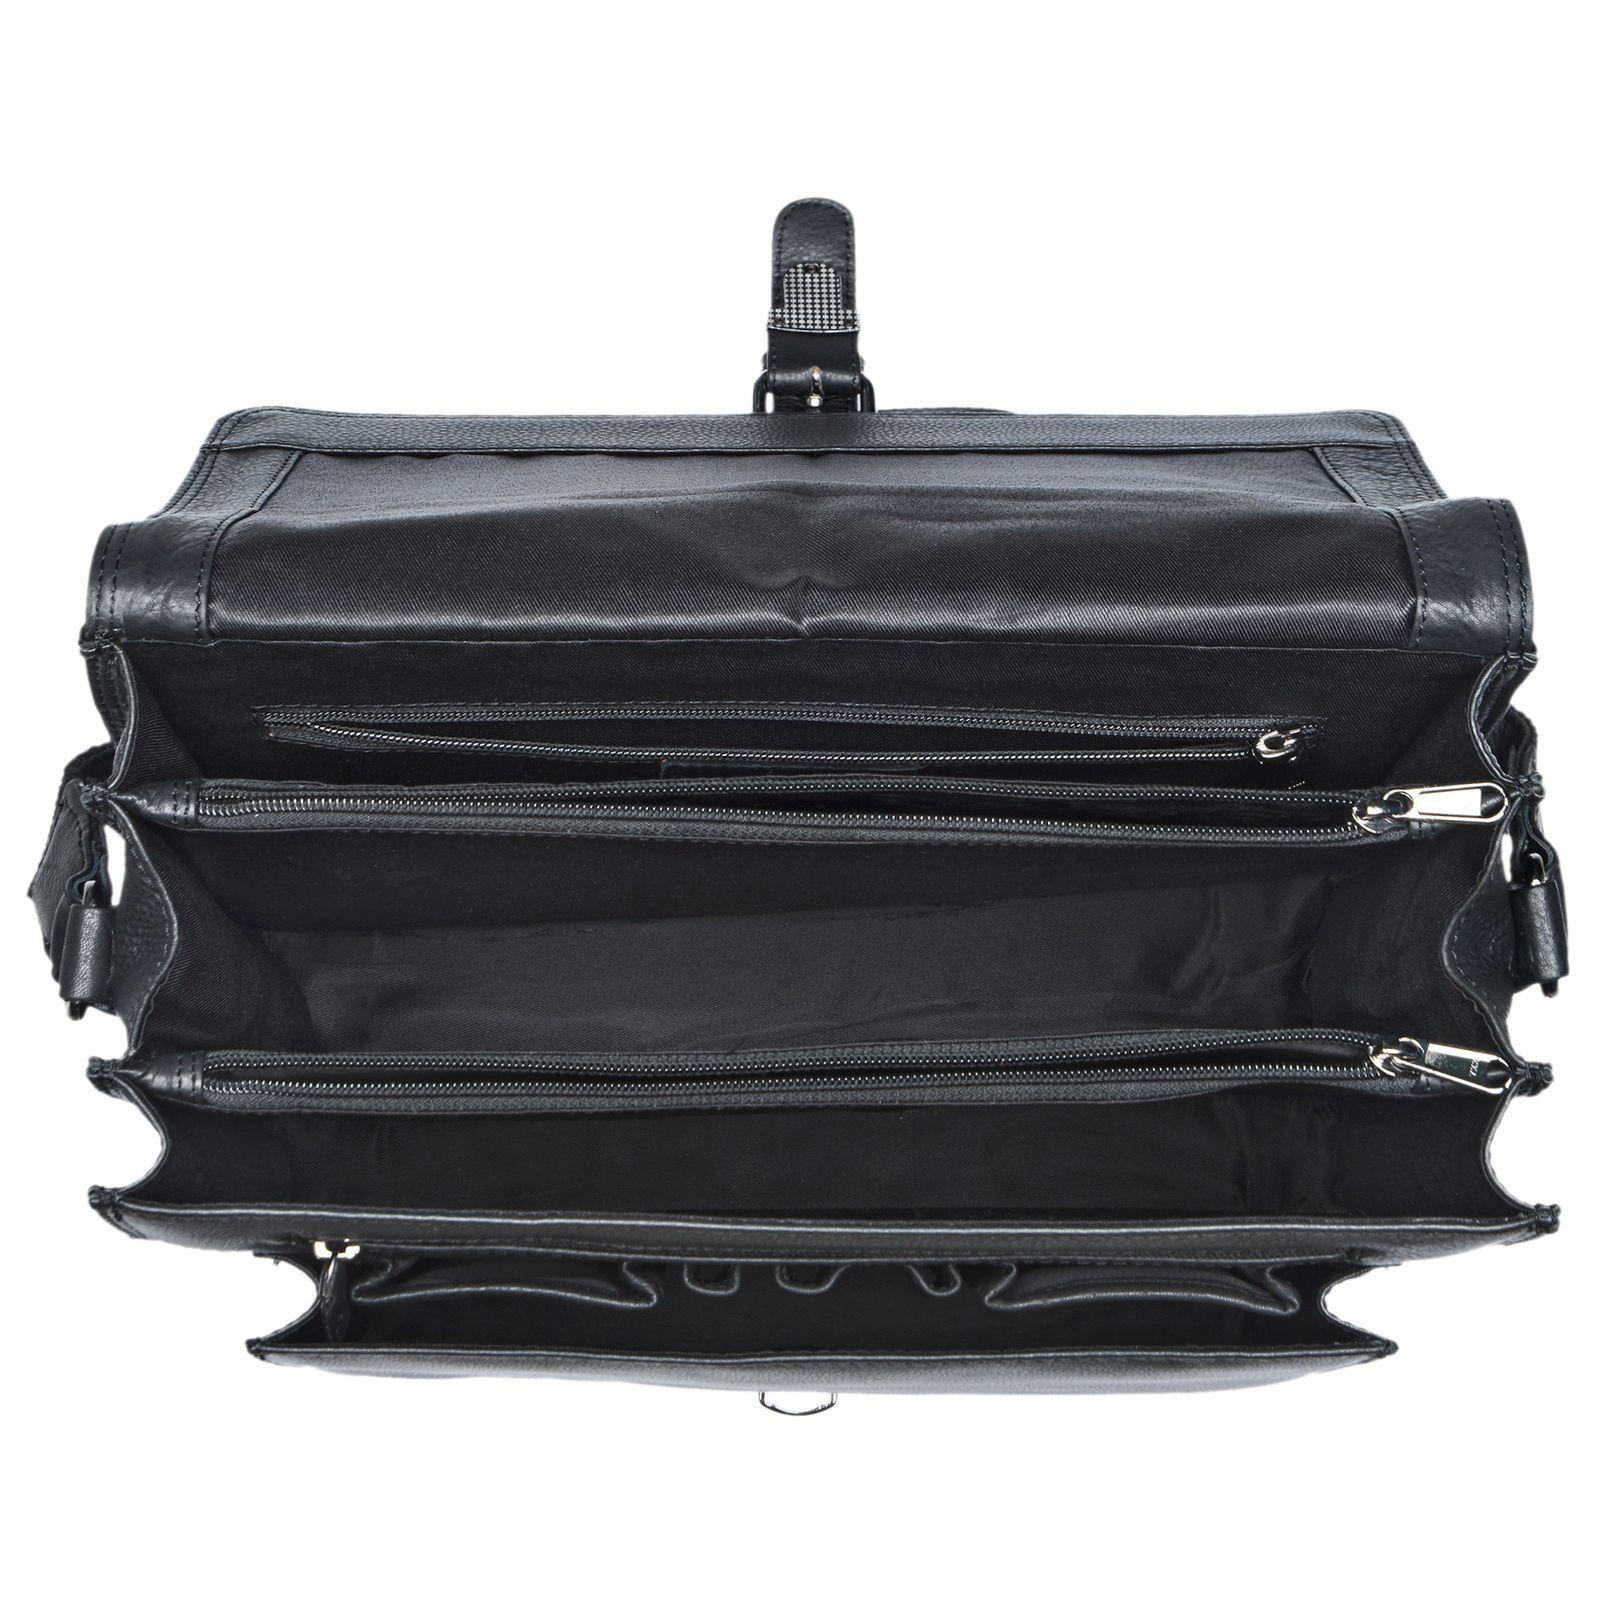 """STILORD """"Romeo"""" Kleine Aktentasche Leder für Herren Damen Vintage Businesstasche Bürotasche für DIN A4 Dokumente und 13,3 Zoll Laptops MacBooks aus echtem Leder - Bild 18"""